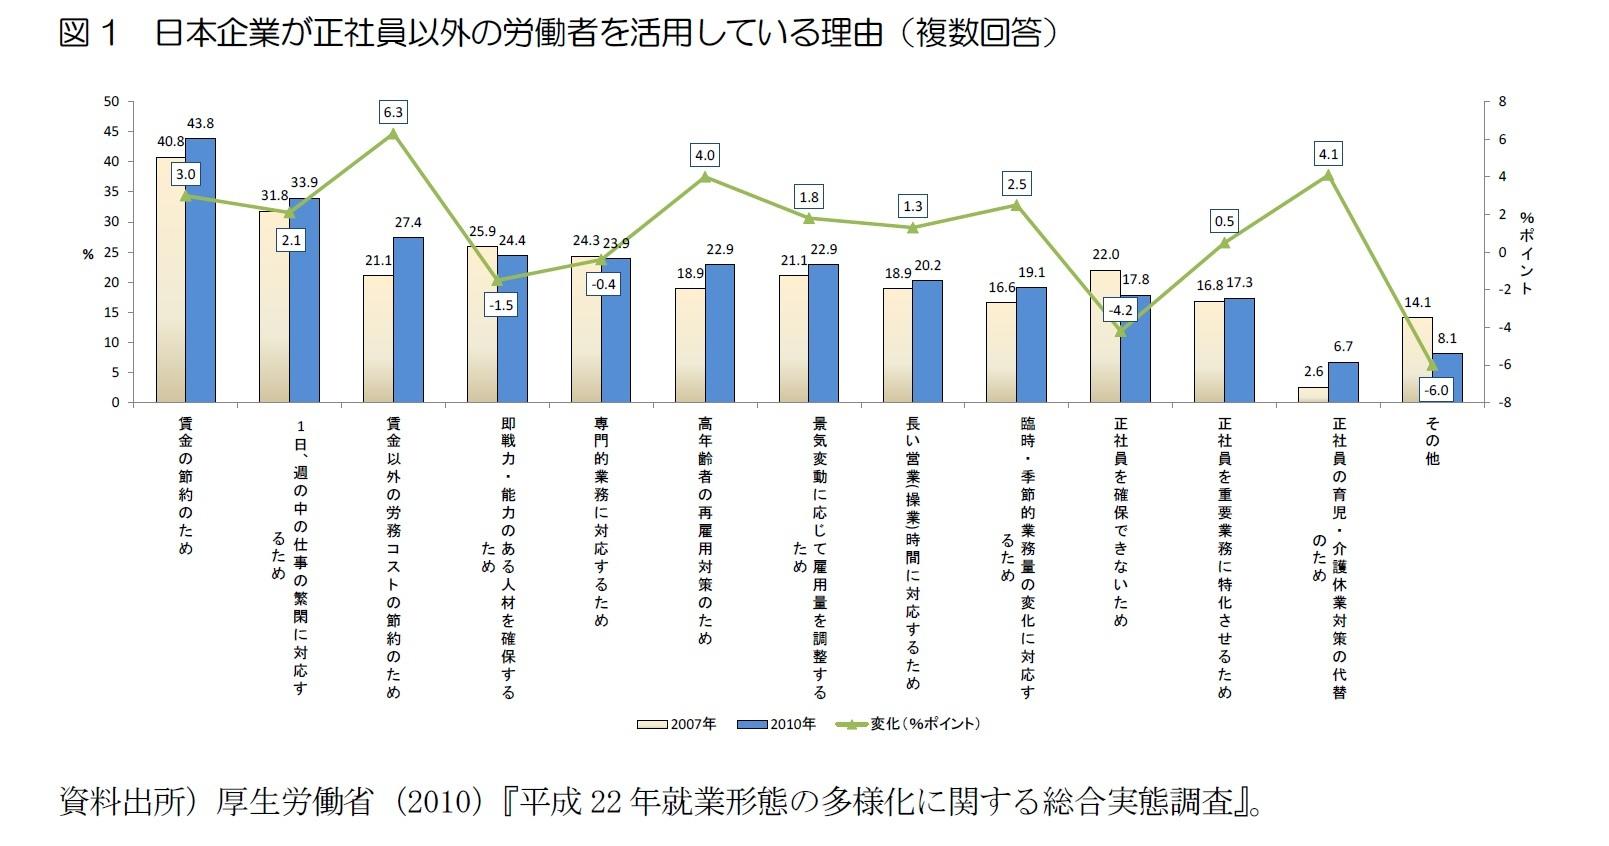 図1 日本企業が正社員以外の労働者を活用している理由(複数回答)